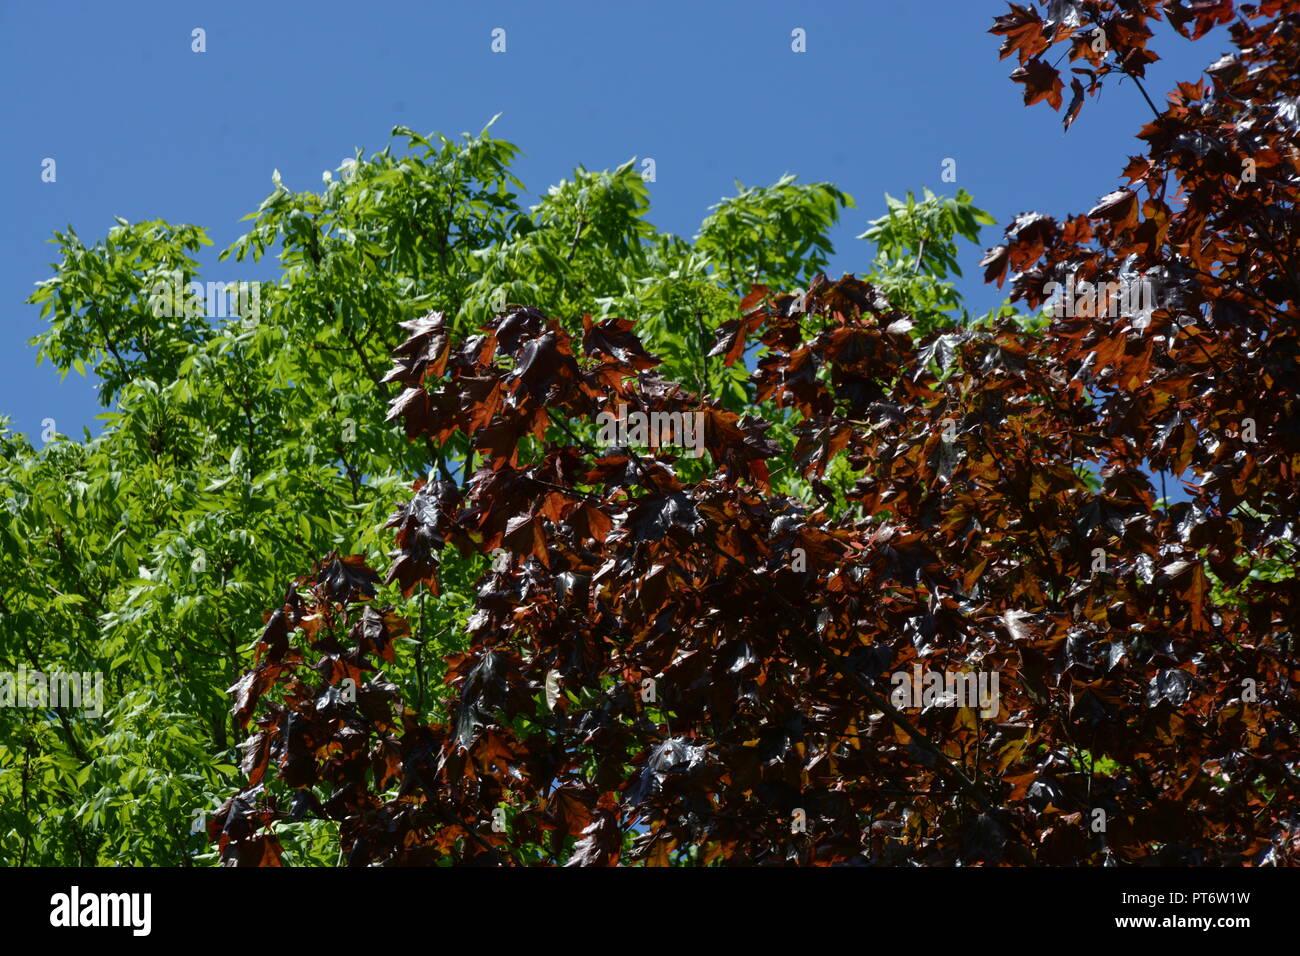 Bäume     Blätter     Himmel - Stock Image